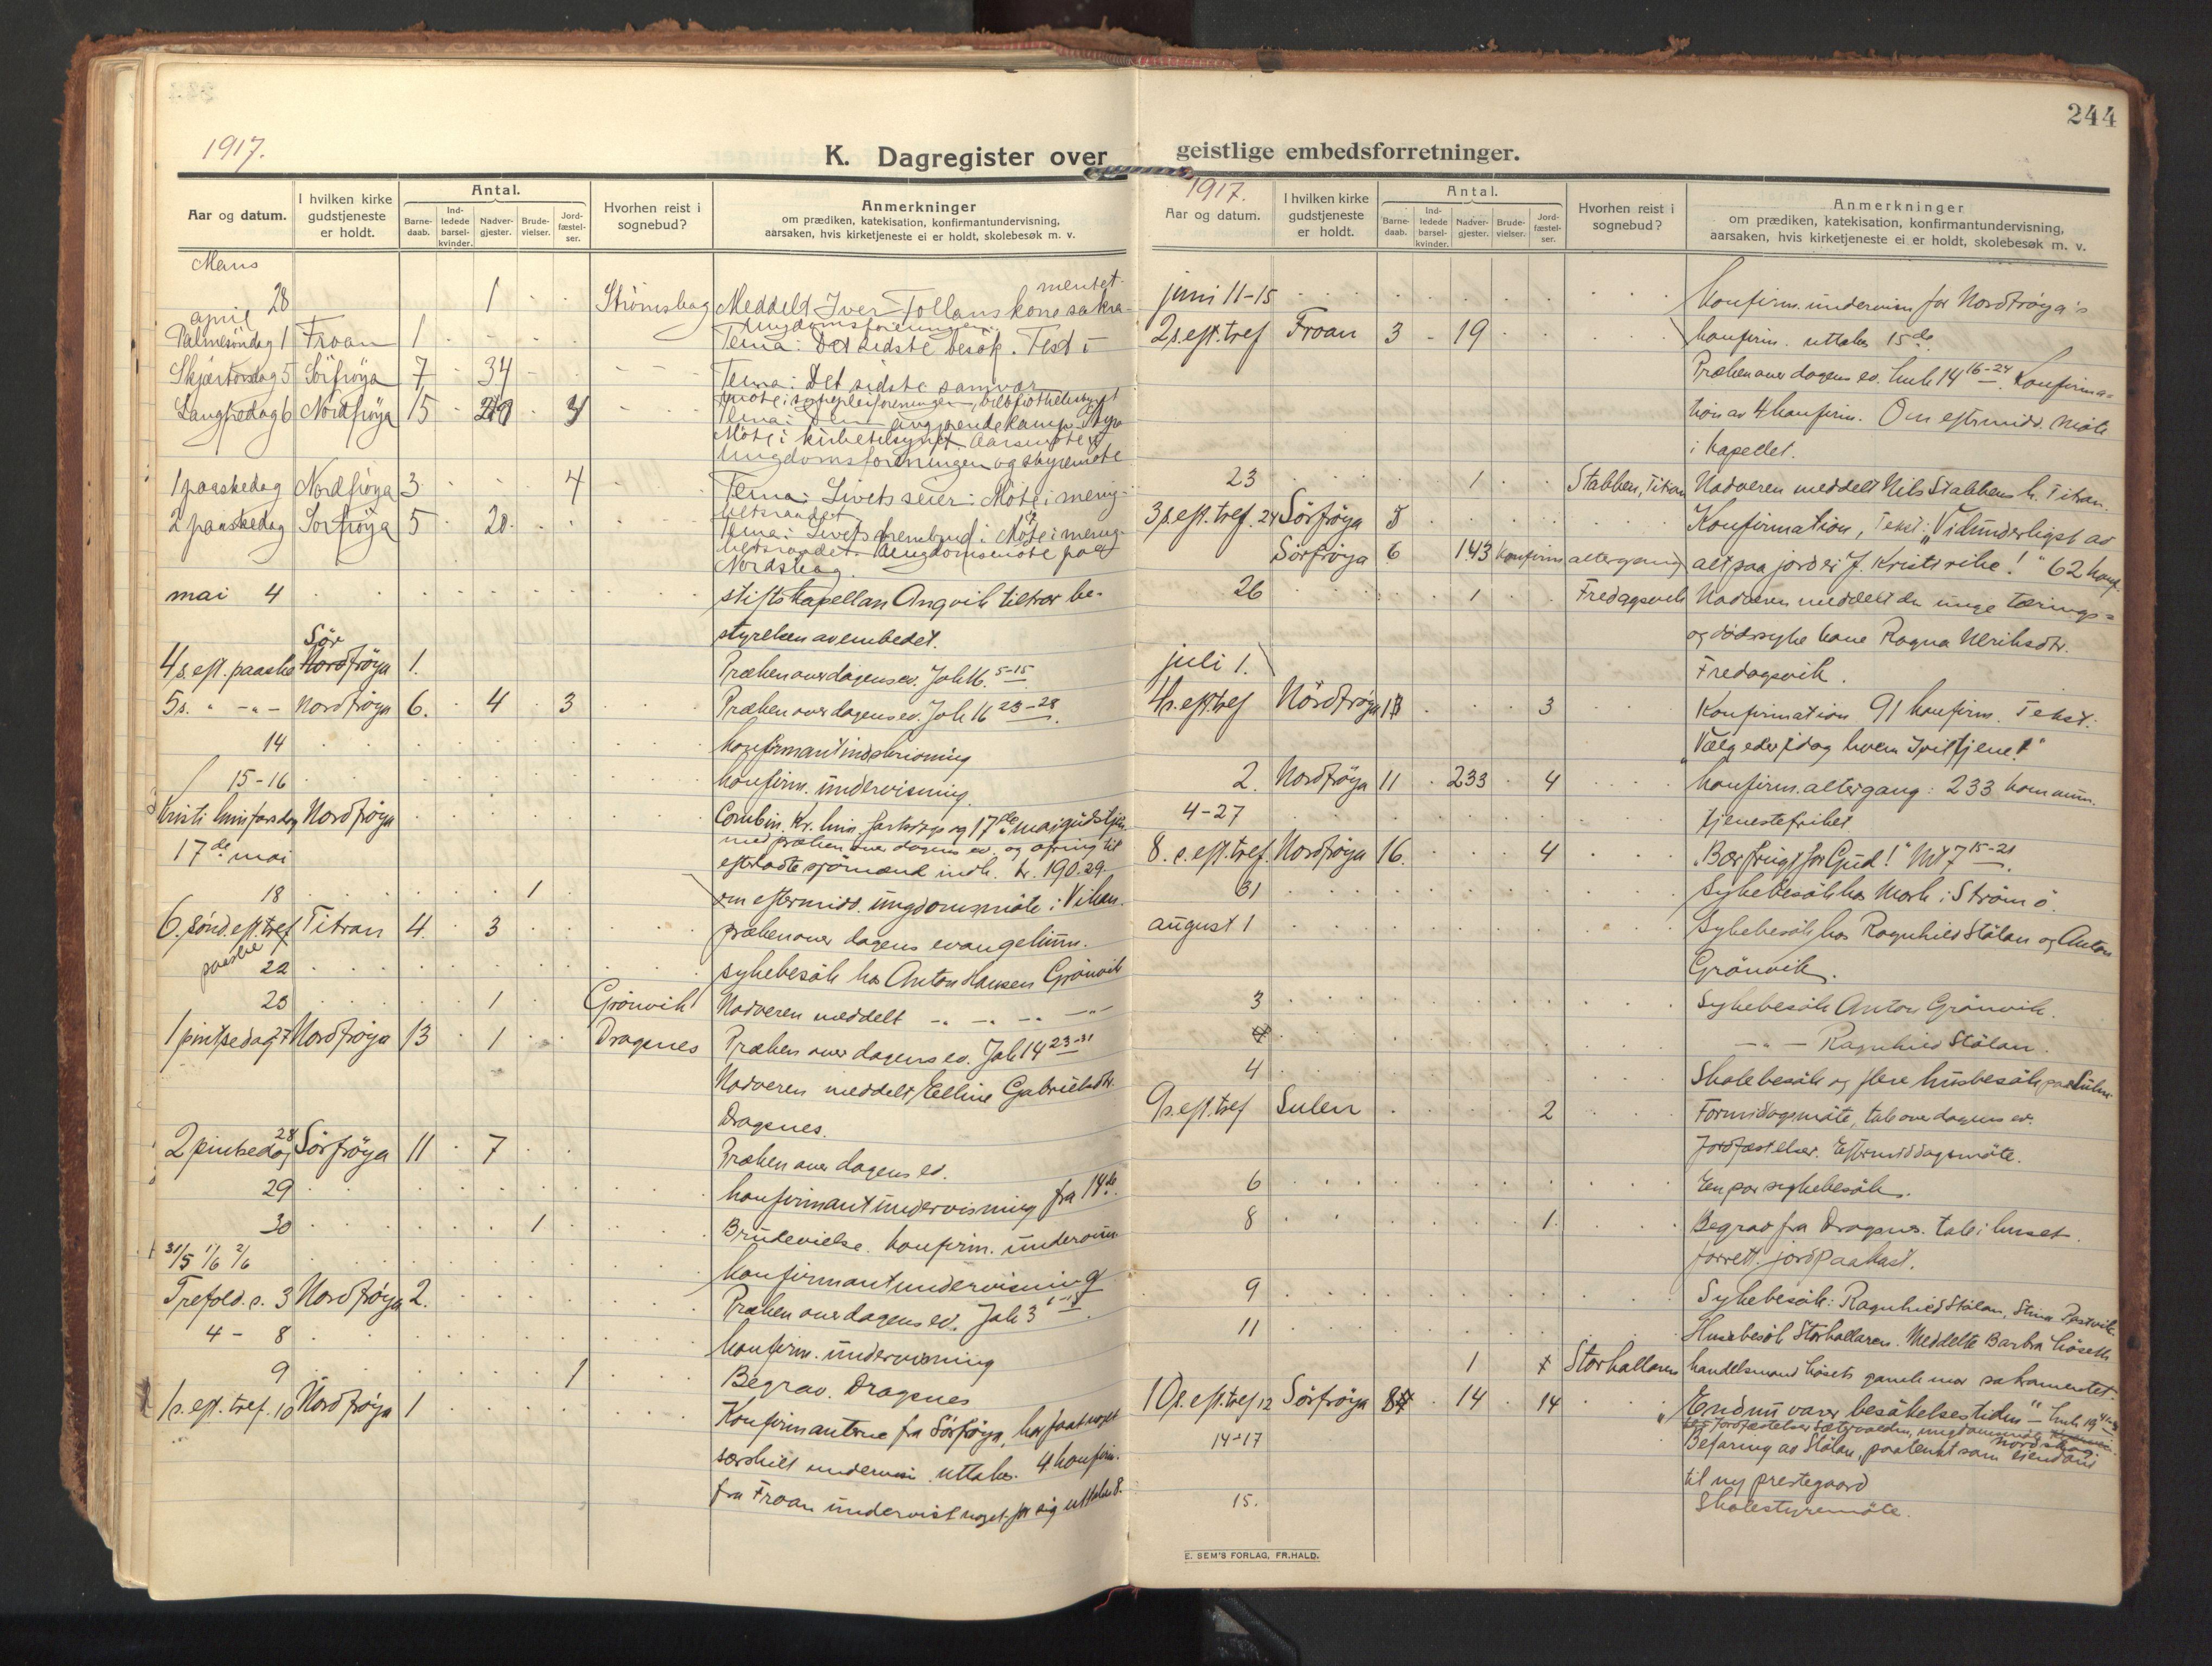 SAT, Ministerialprotokoller, klokkerbøker og fødselsregistre - Sør-Trøndelag, 640/L0581: Ministerialbok nr. 640A06, 1910-1924, s. 244